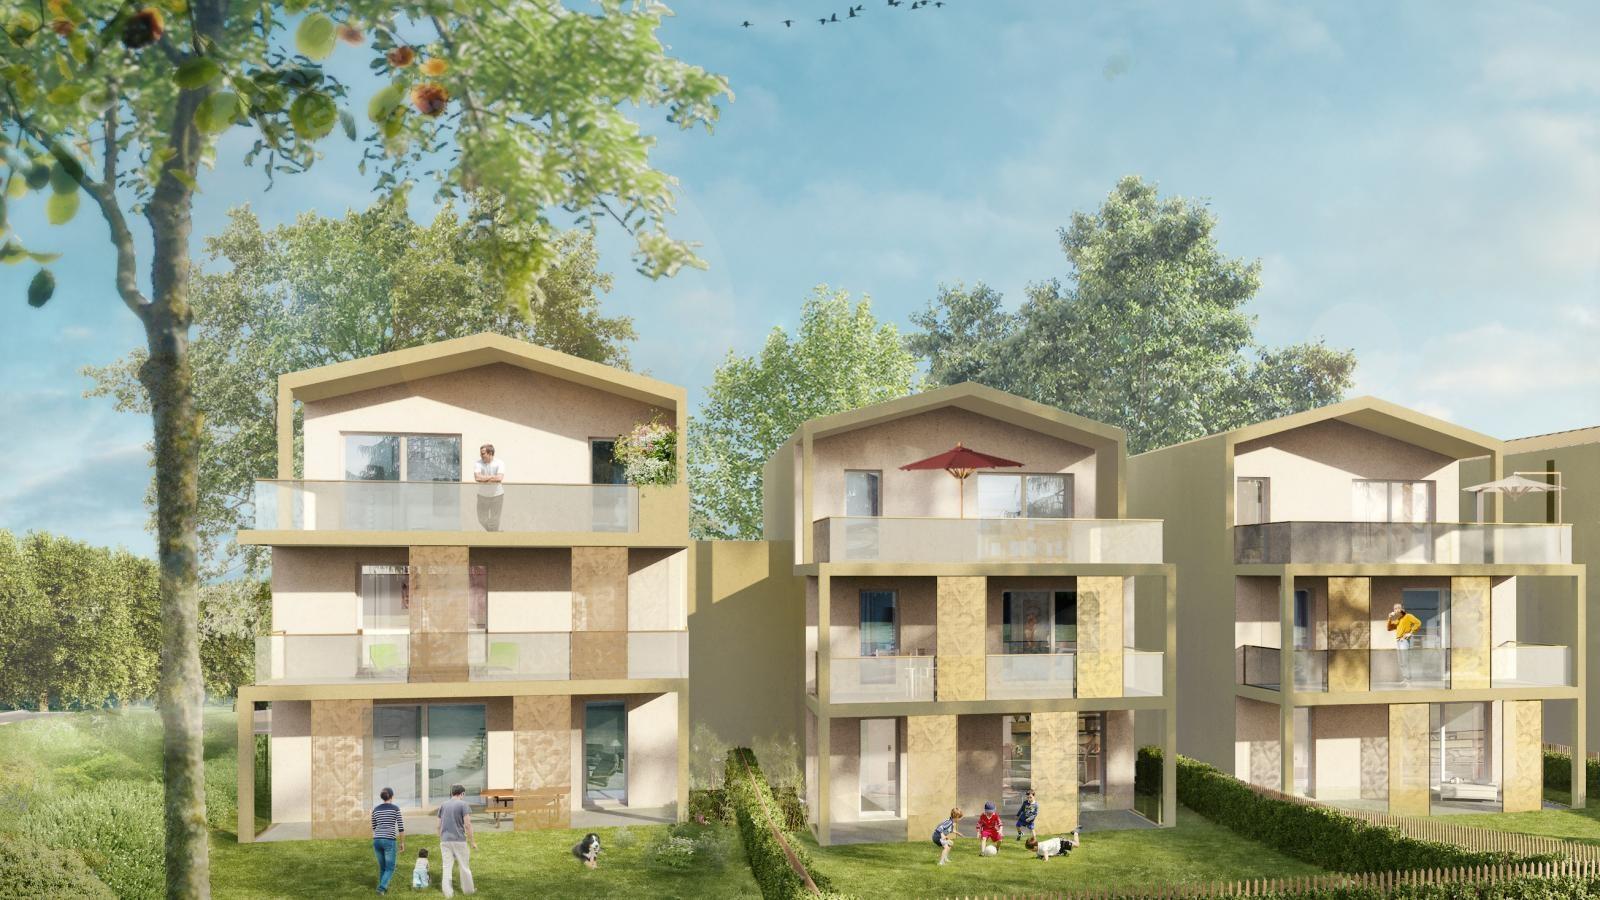 Programme immobilier Tassin-la-Demi-Lune (69160) PARC TOREY ALT12